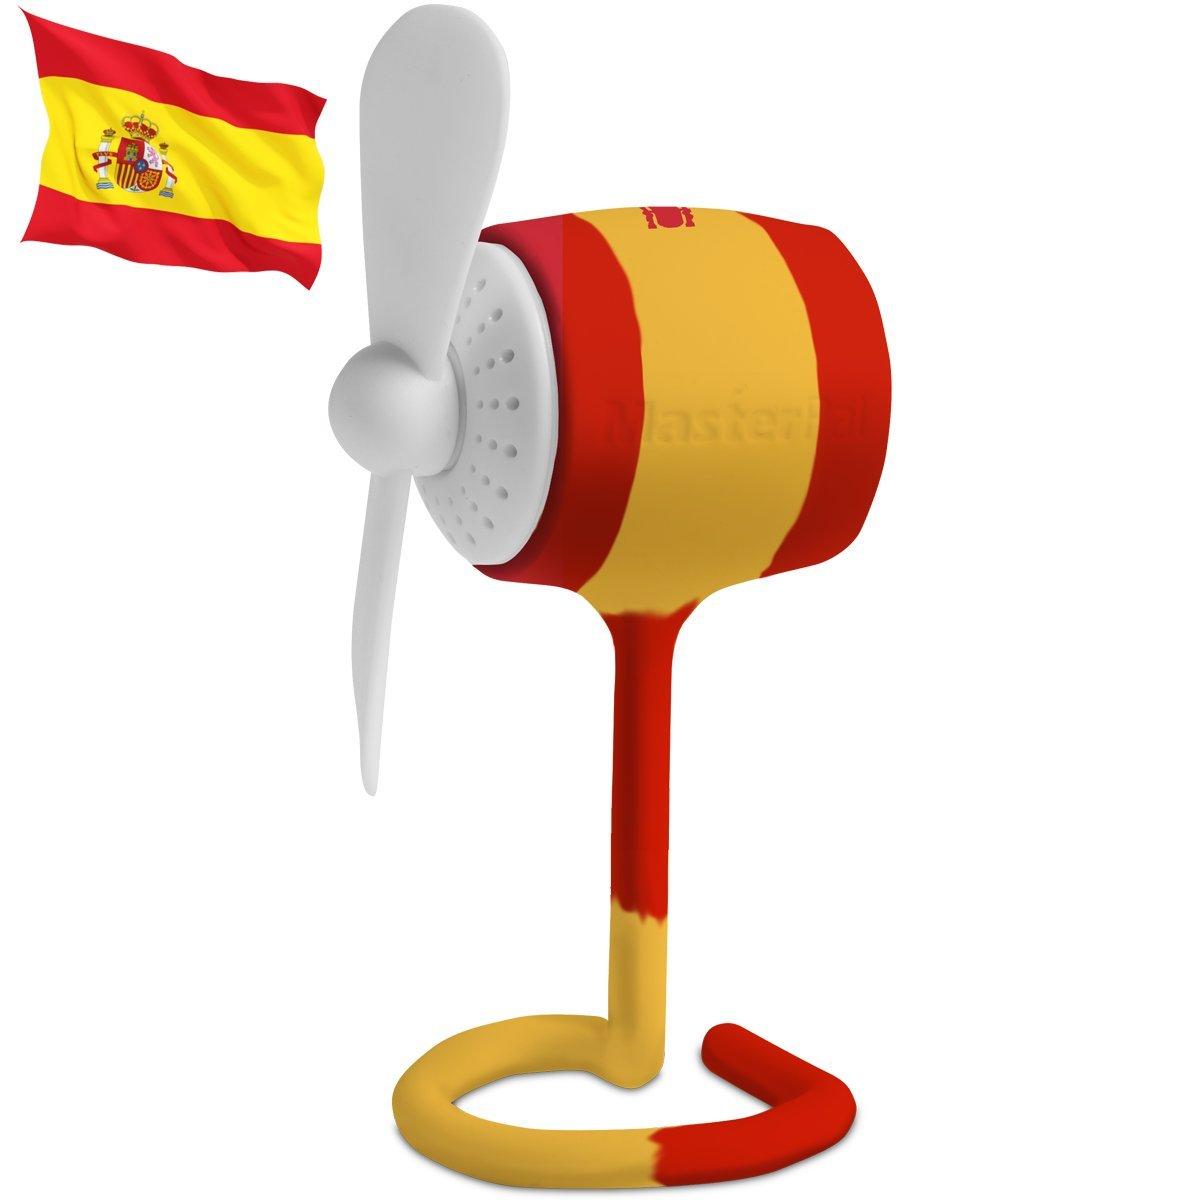 Ventilador Telego Masterpal mini silencioso (bandera española): Un ventilador a pilas de 10.000RPM poderoso, recargable, impermeable, portátil con característica dispensadora de aroma: Amazon.es: Electrónica